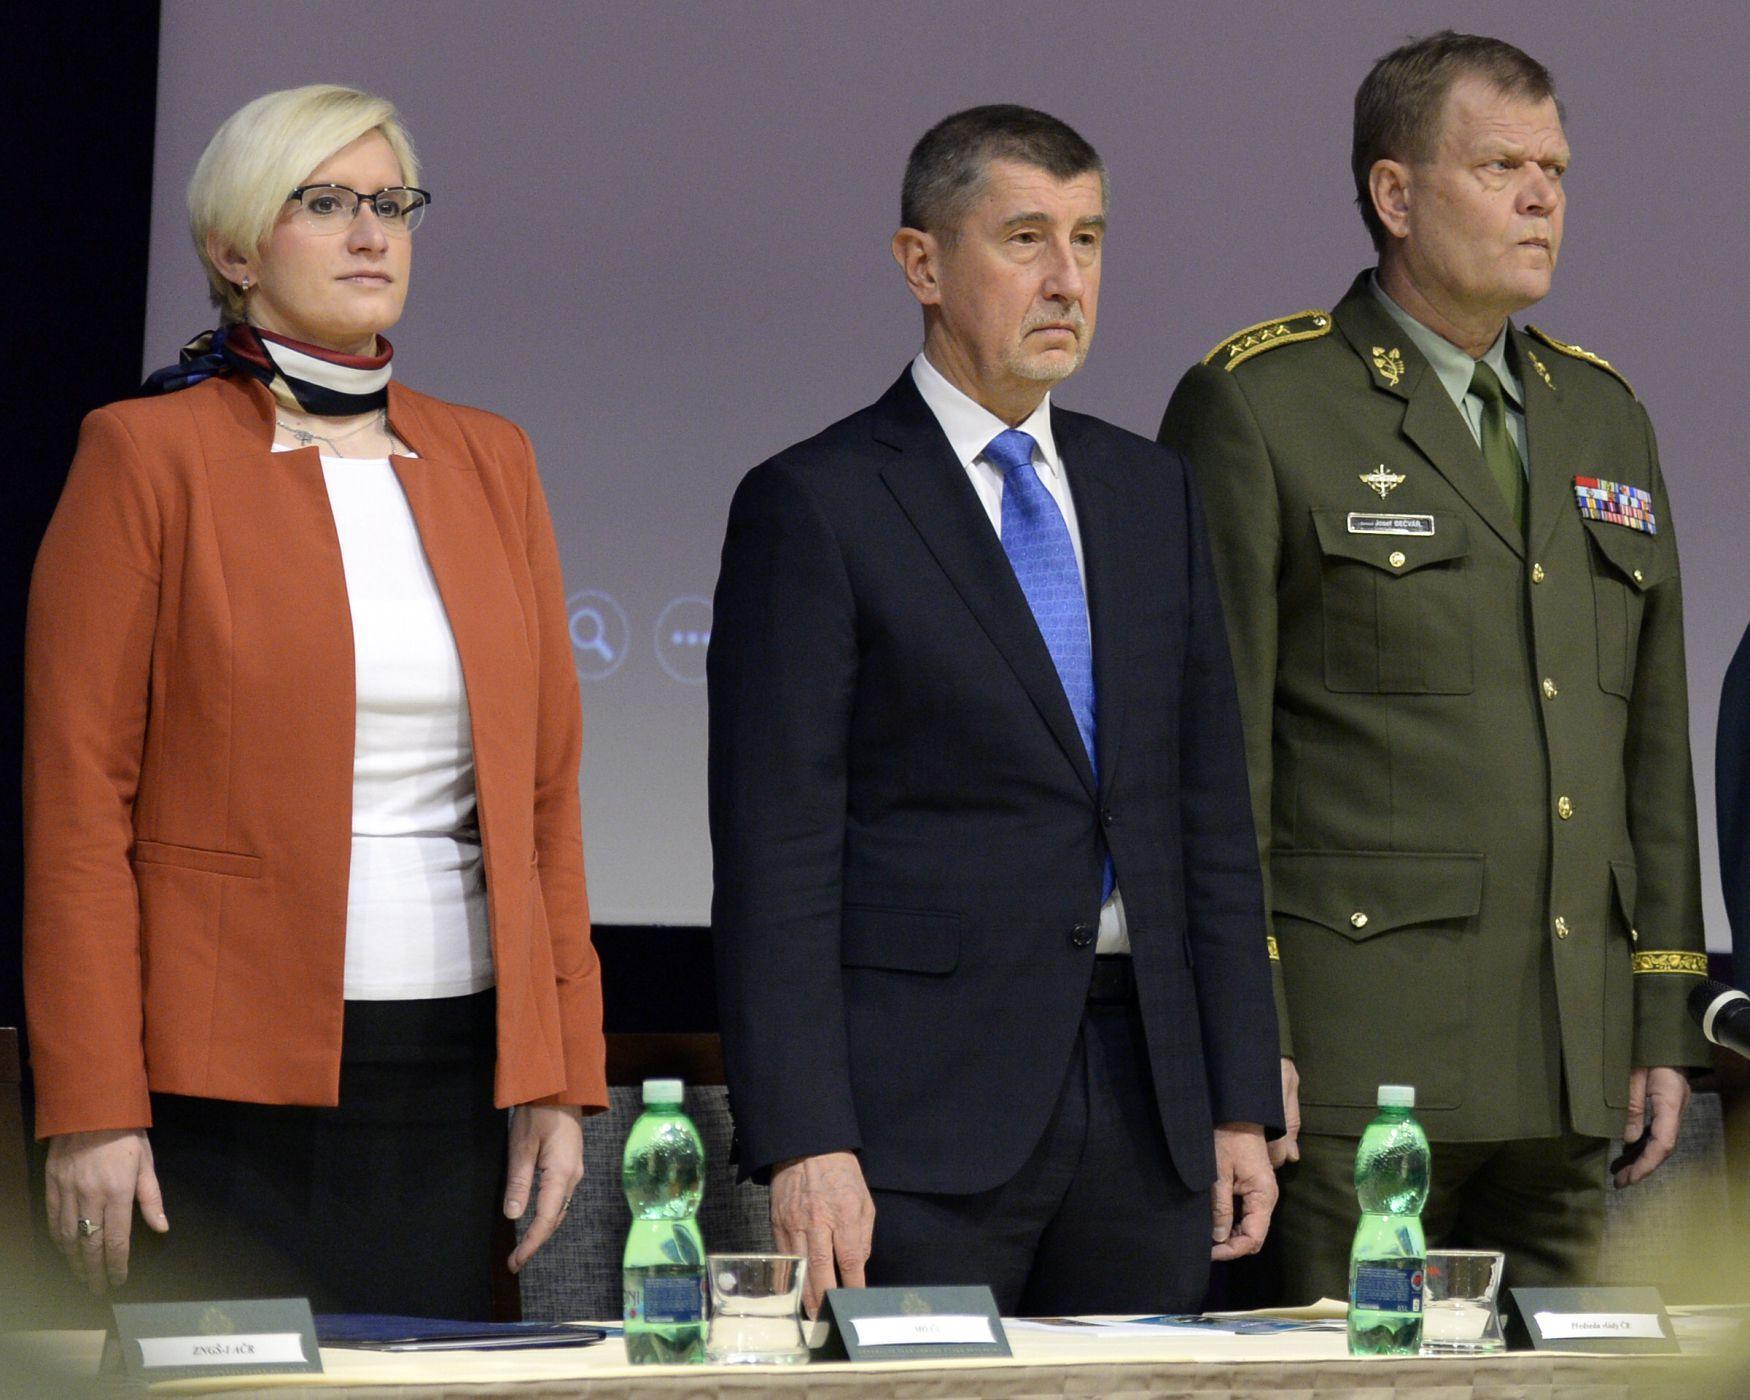 Czech Defence Minister Karla Slechtova